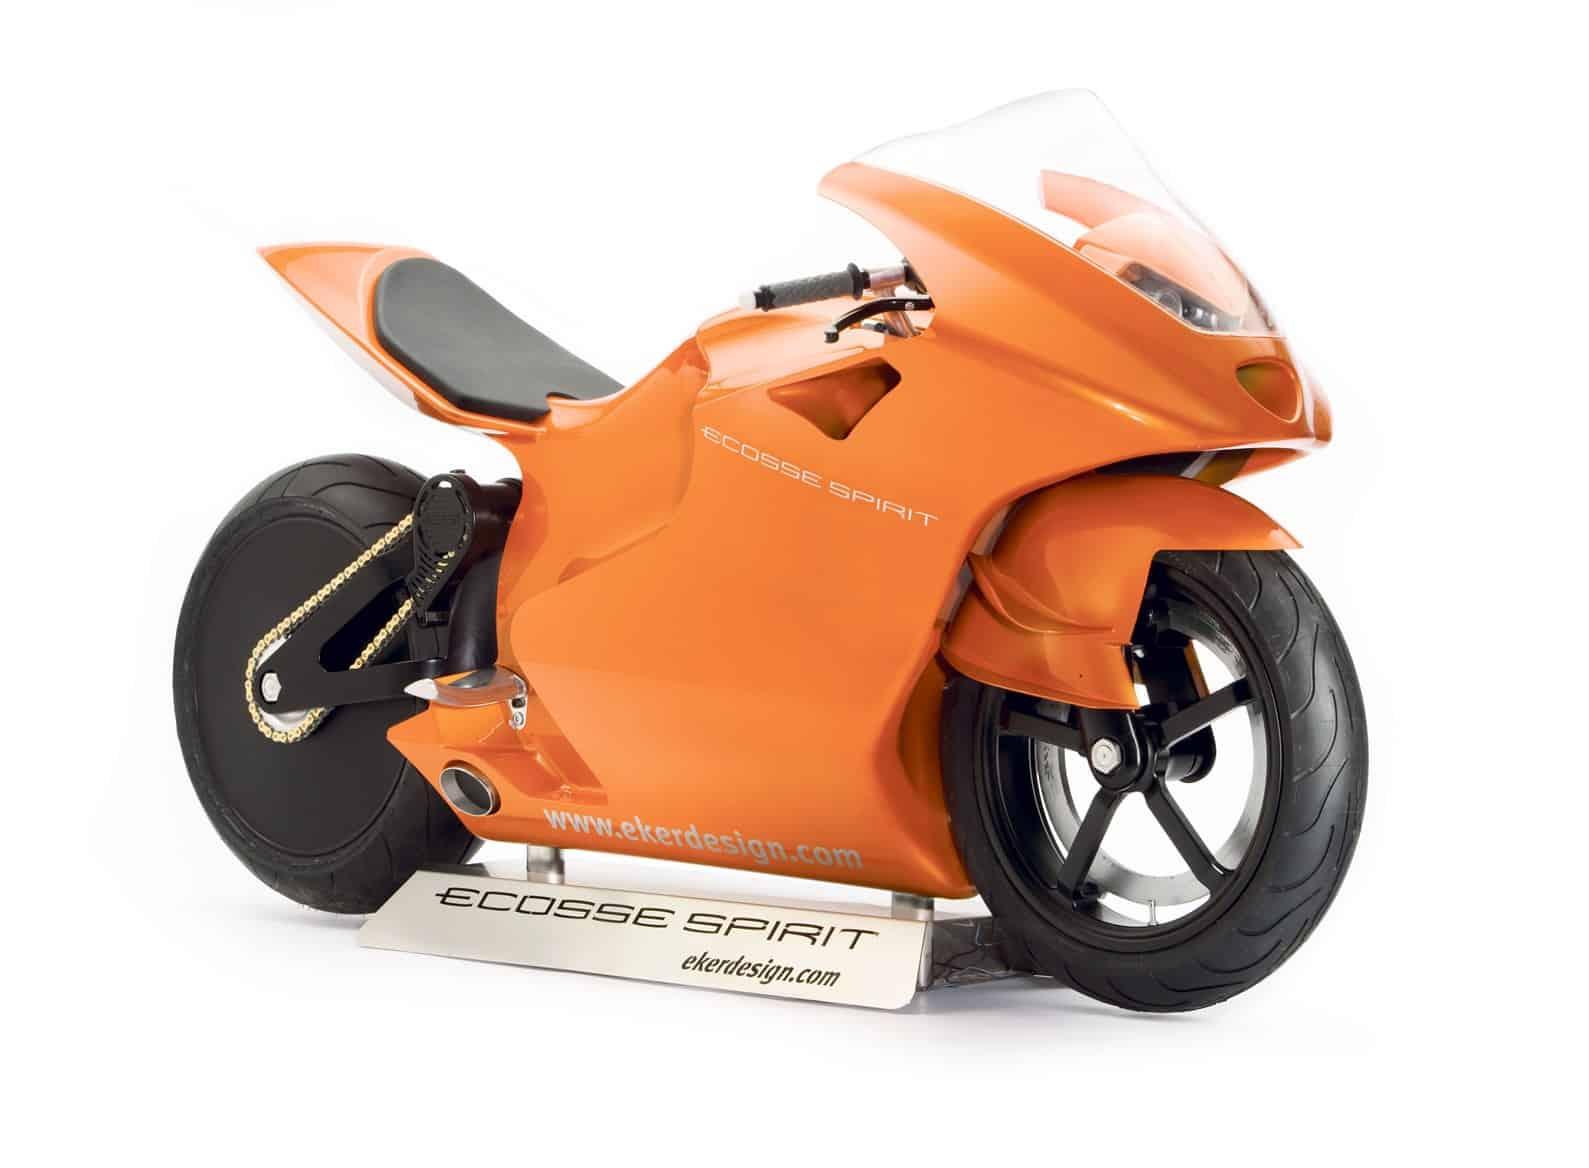 ECOSSE SPIRIT ES1: Las motocicletas más caras del mundo